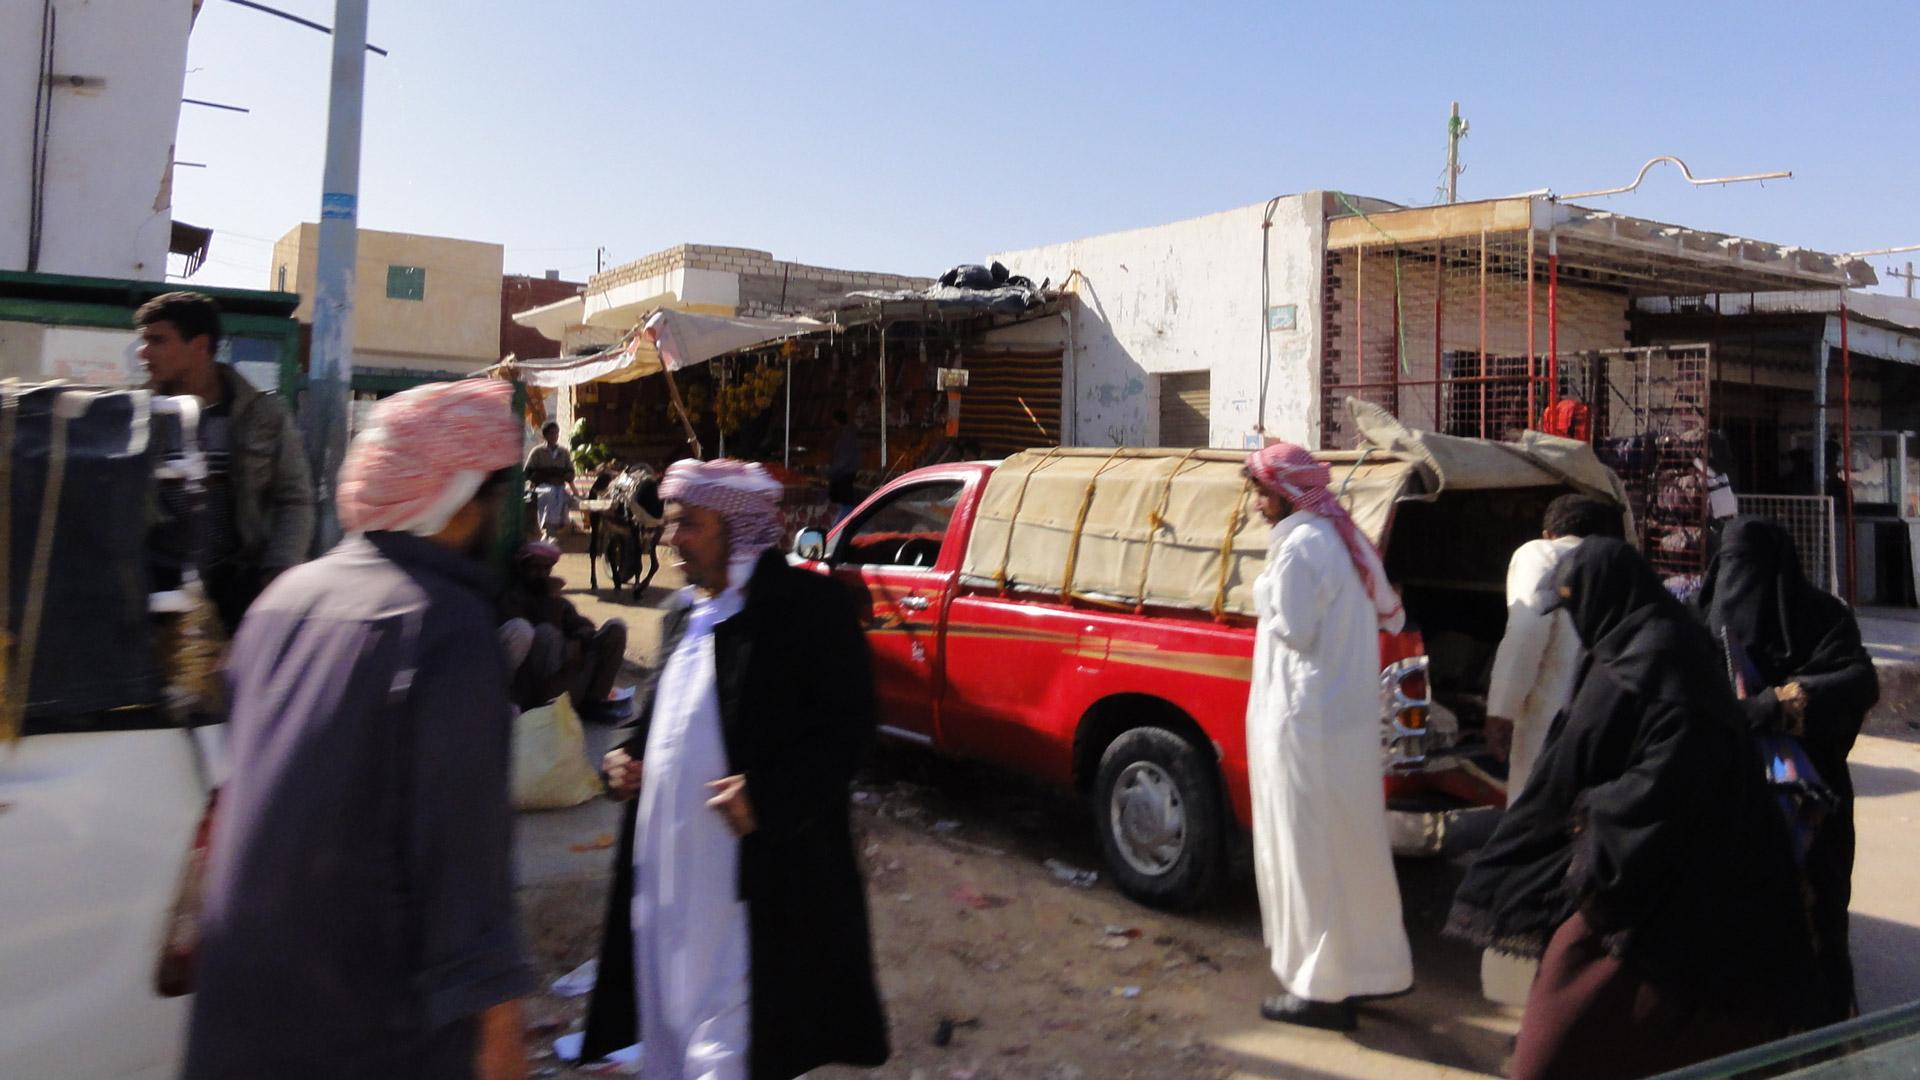 Sallum, a border town between Egypt an Libya